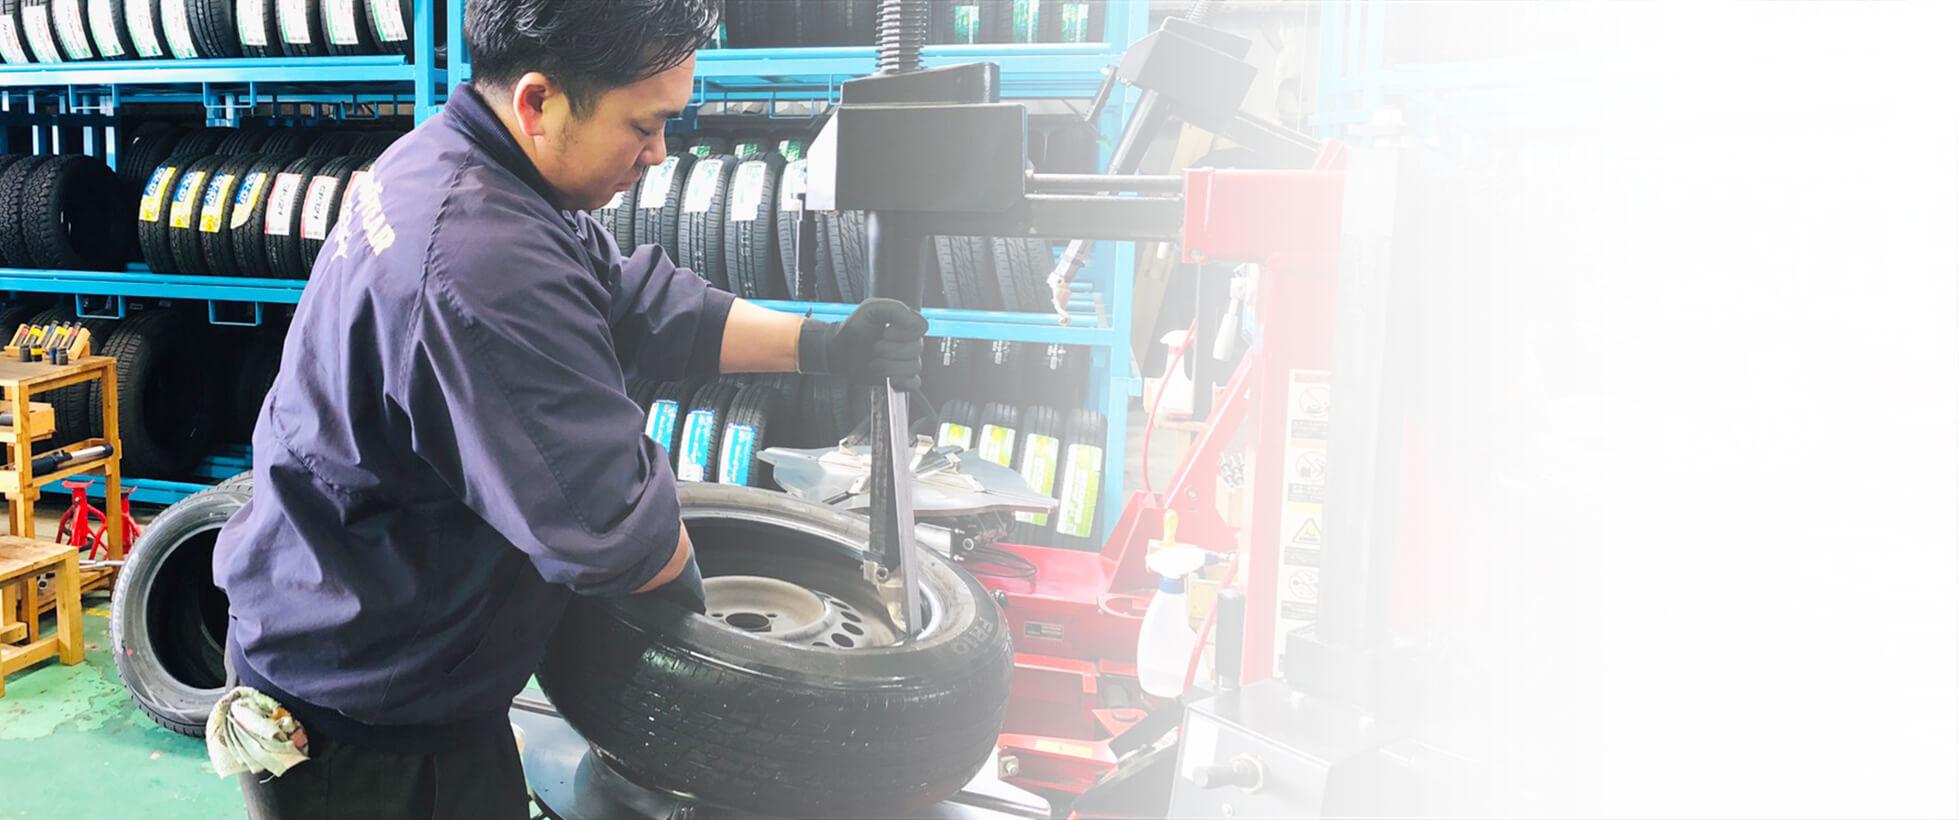 タイヤを交換する